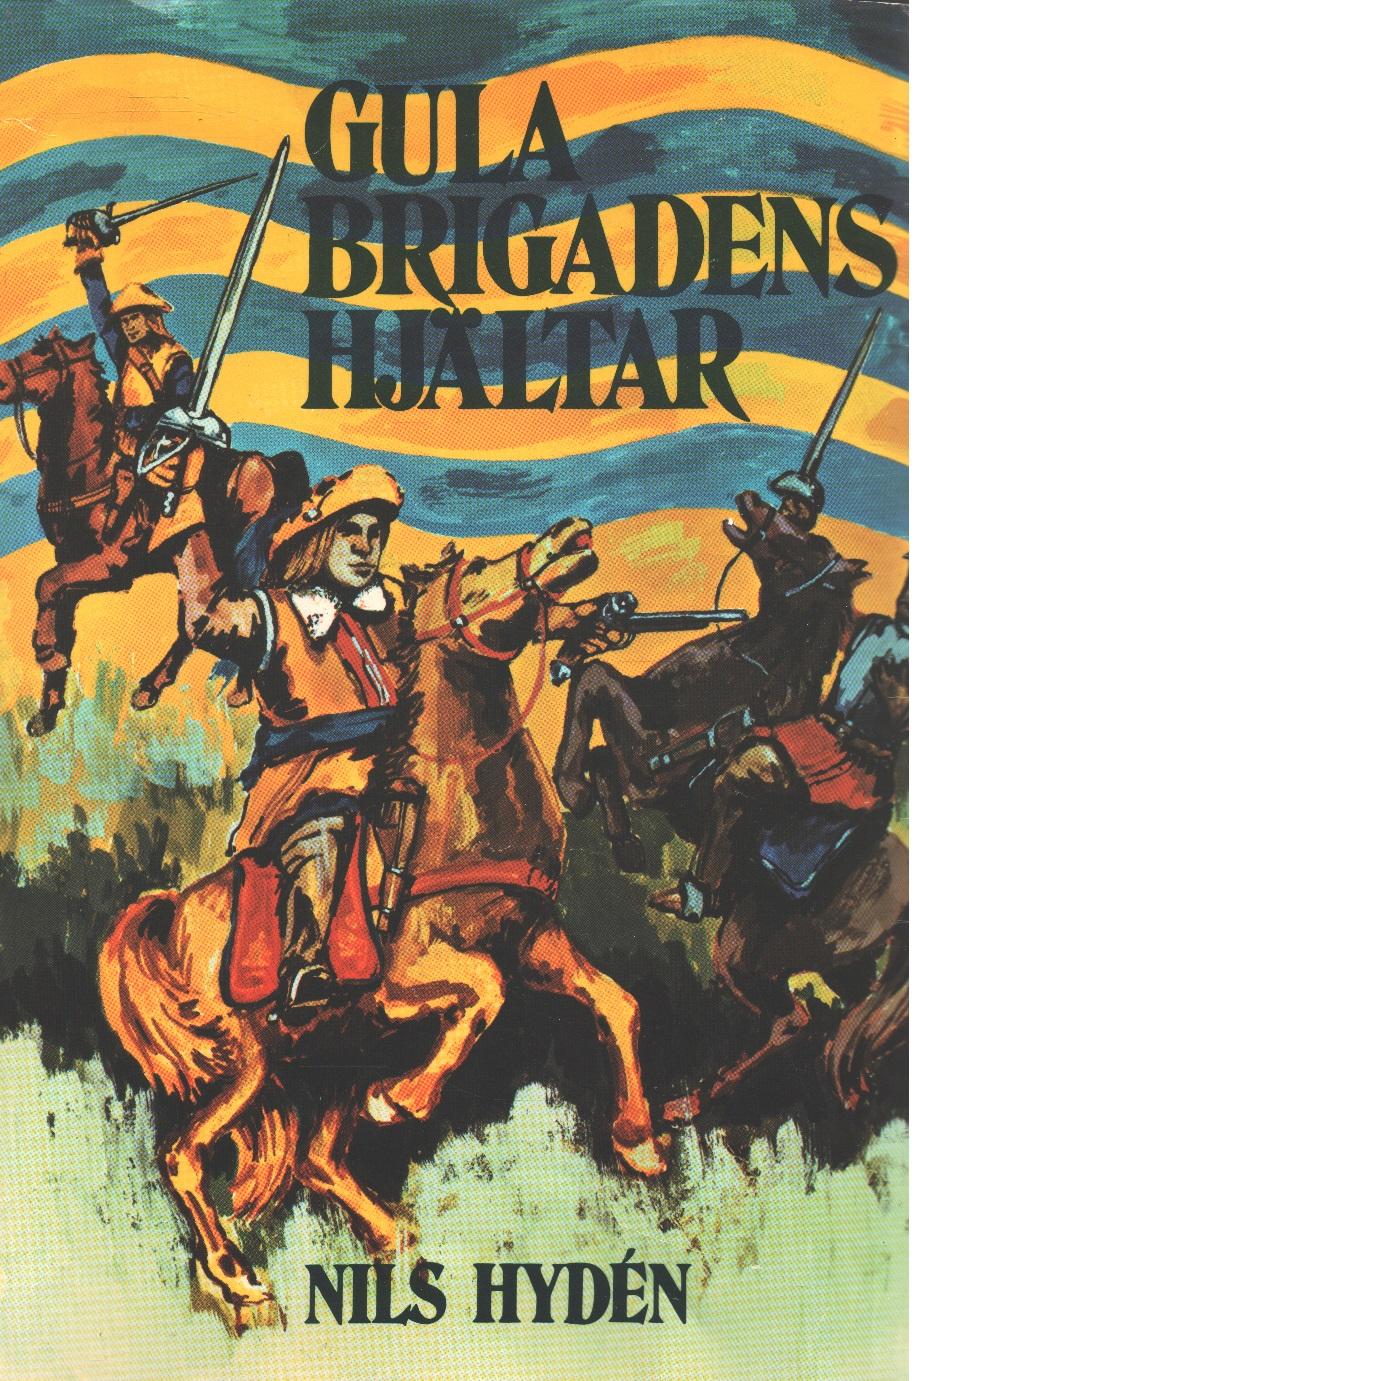 Gula brigadens hjältar : äventyrsroman från trettioåriga krigets tid - Hydén, Nils